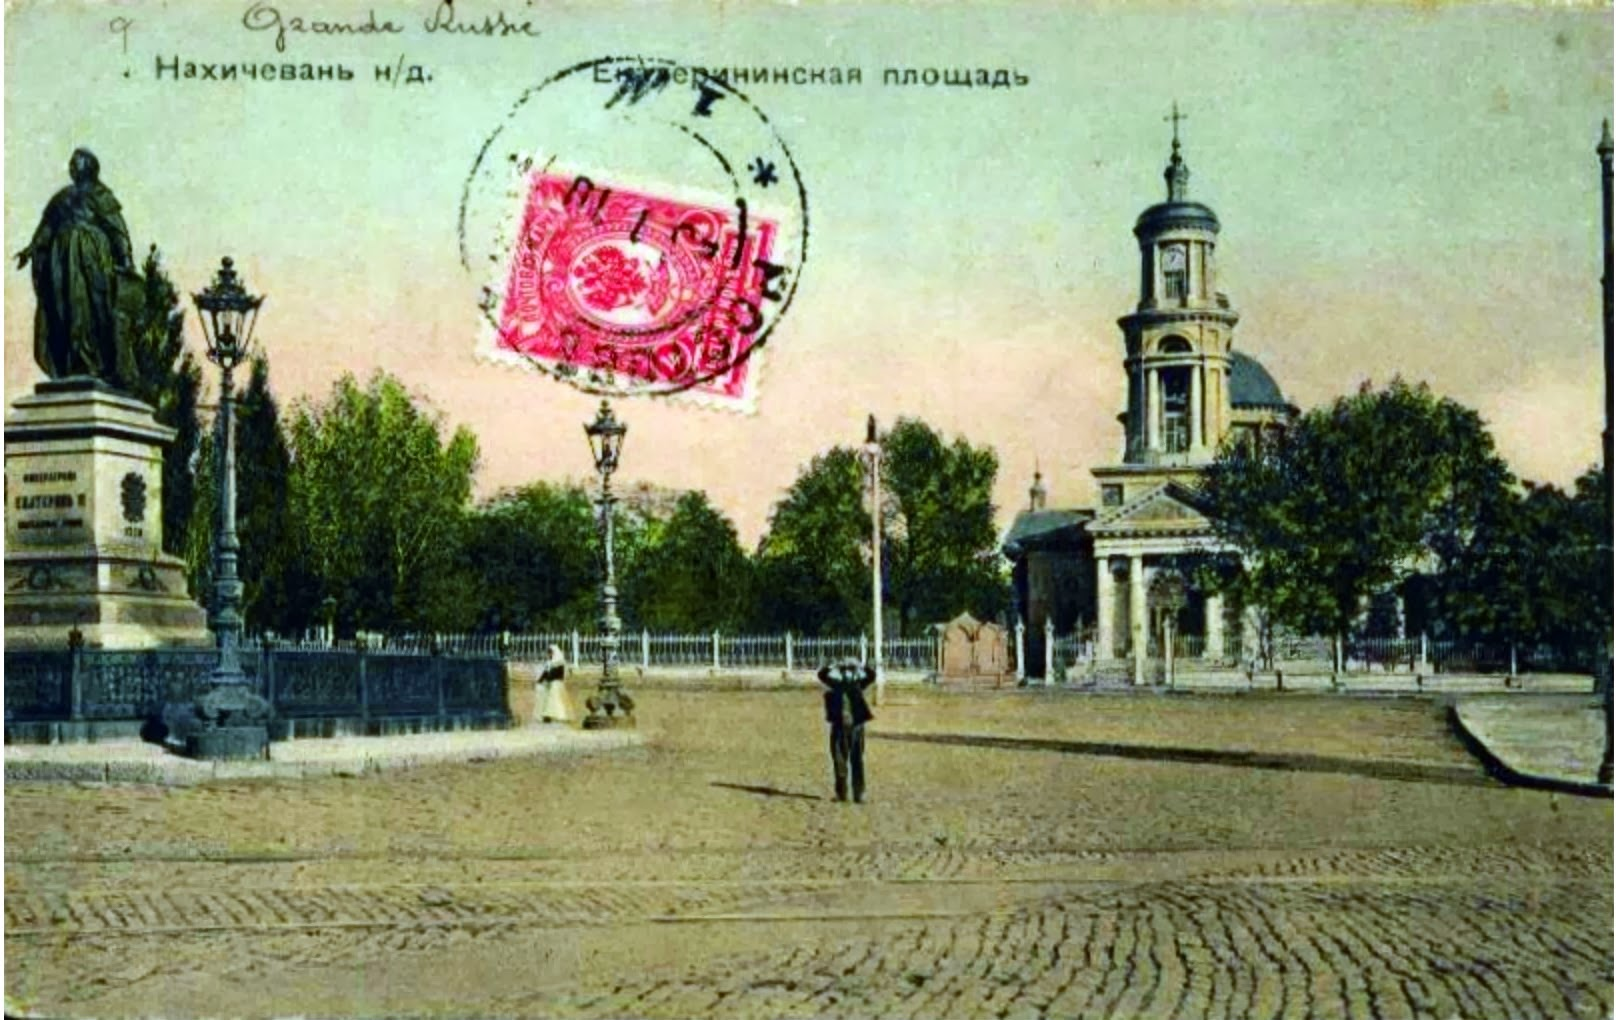 Екатерининская площадь.